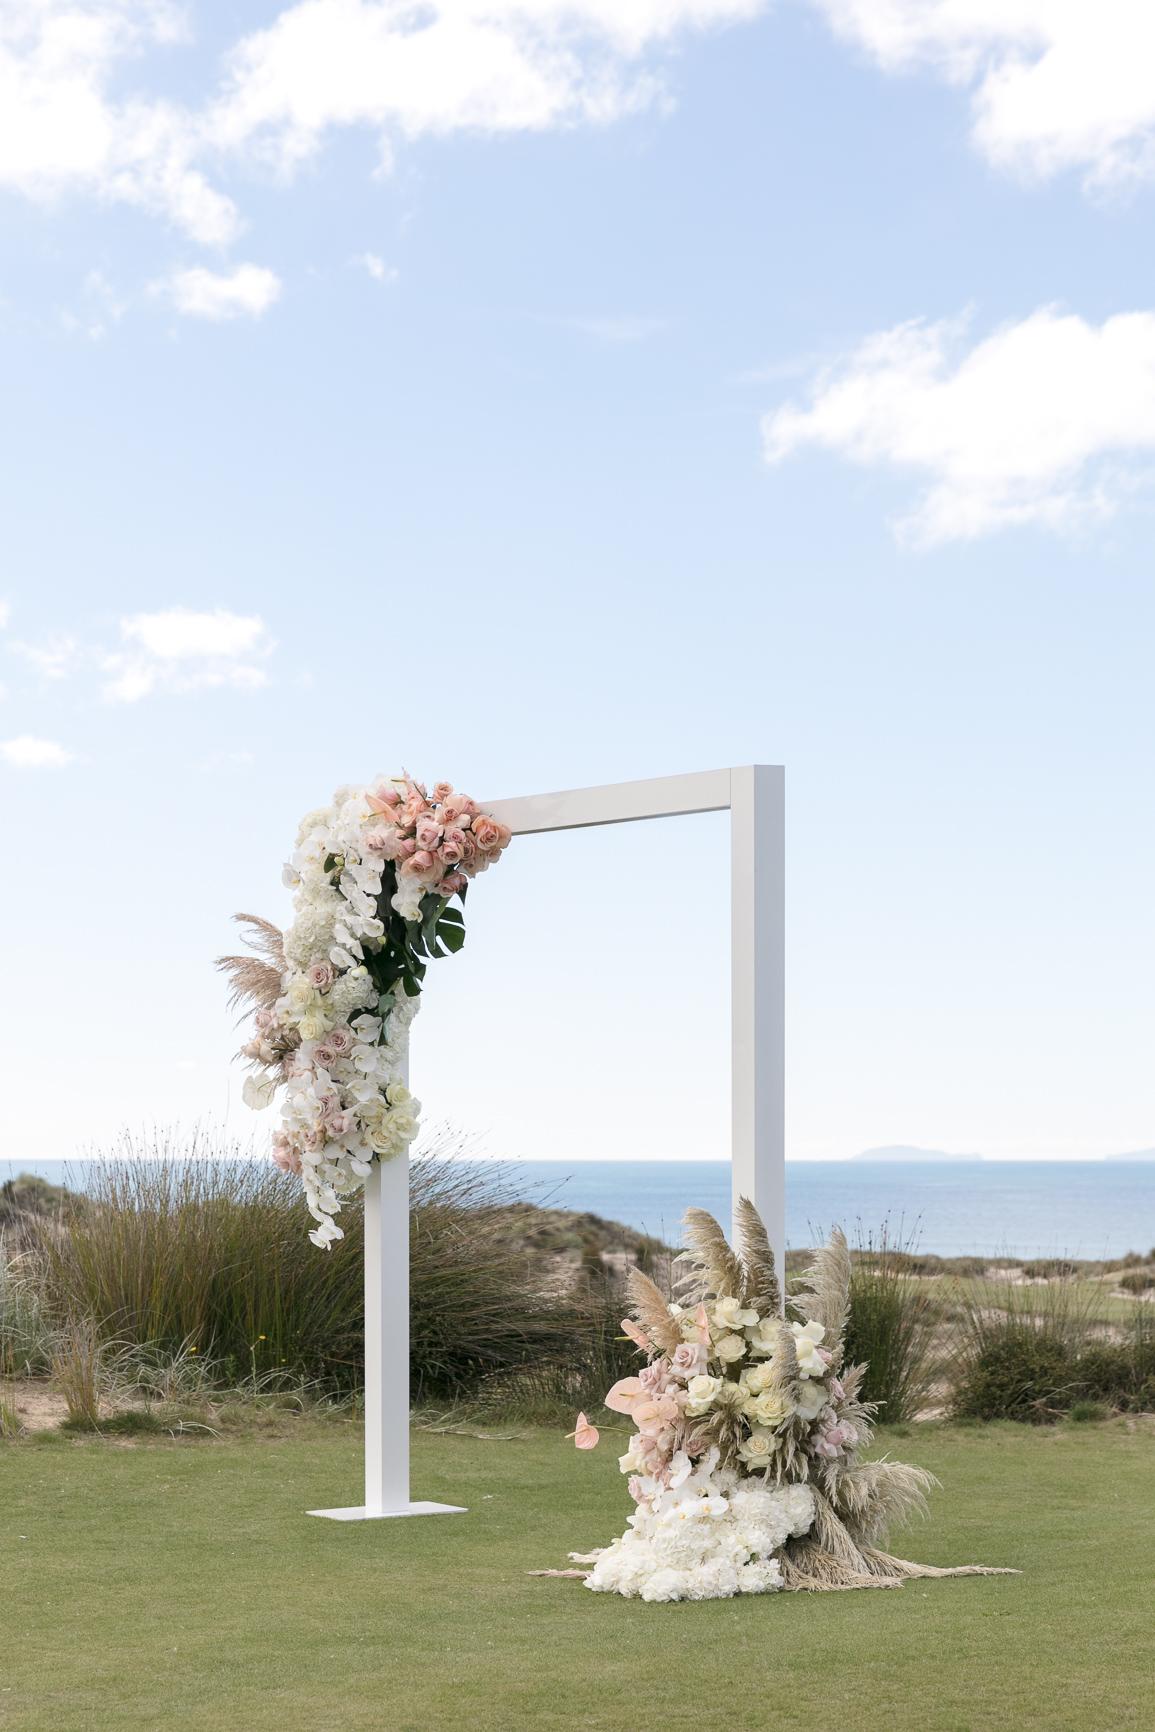 ©MichelleWeir-Blush-TaraIti-Wedding-72dpi-039.jpg